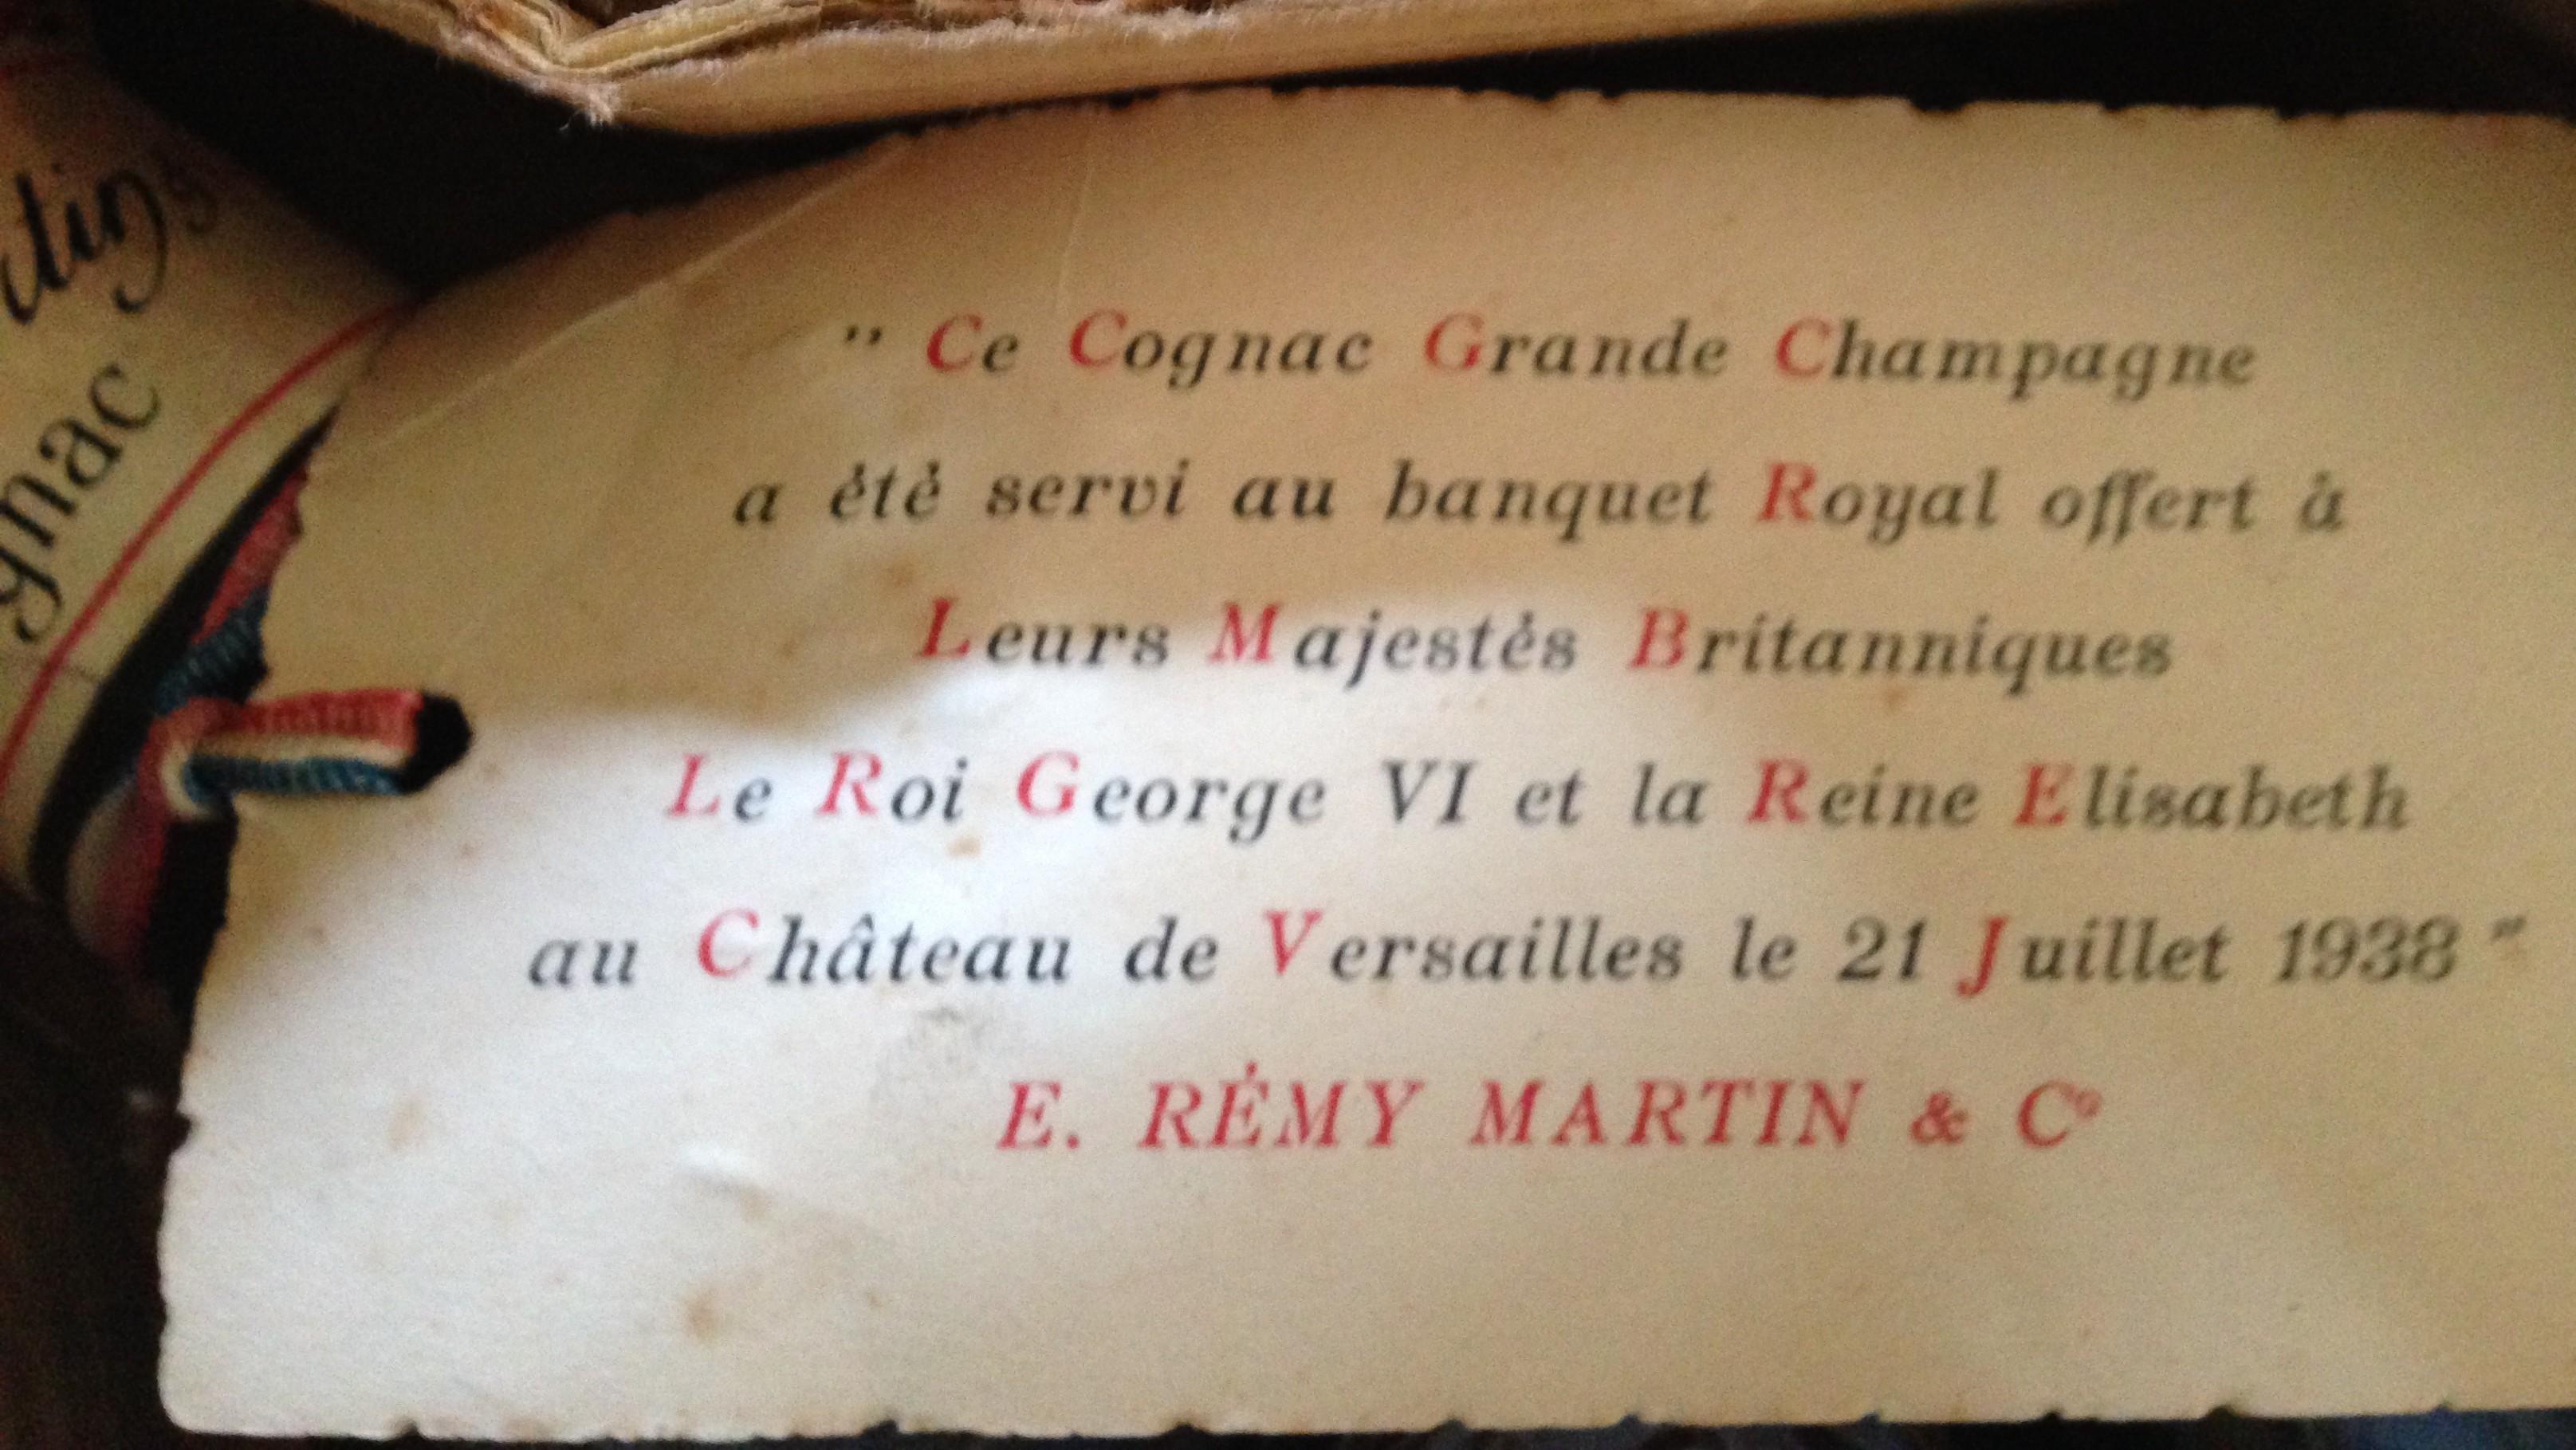 Rémy Martin Grande Champagne Cognac, Très Vieille, Age Inconnu